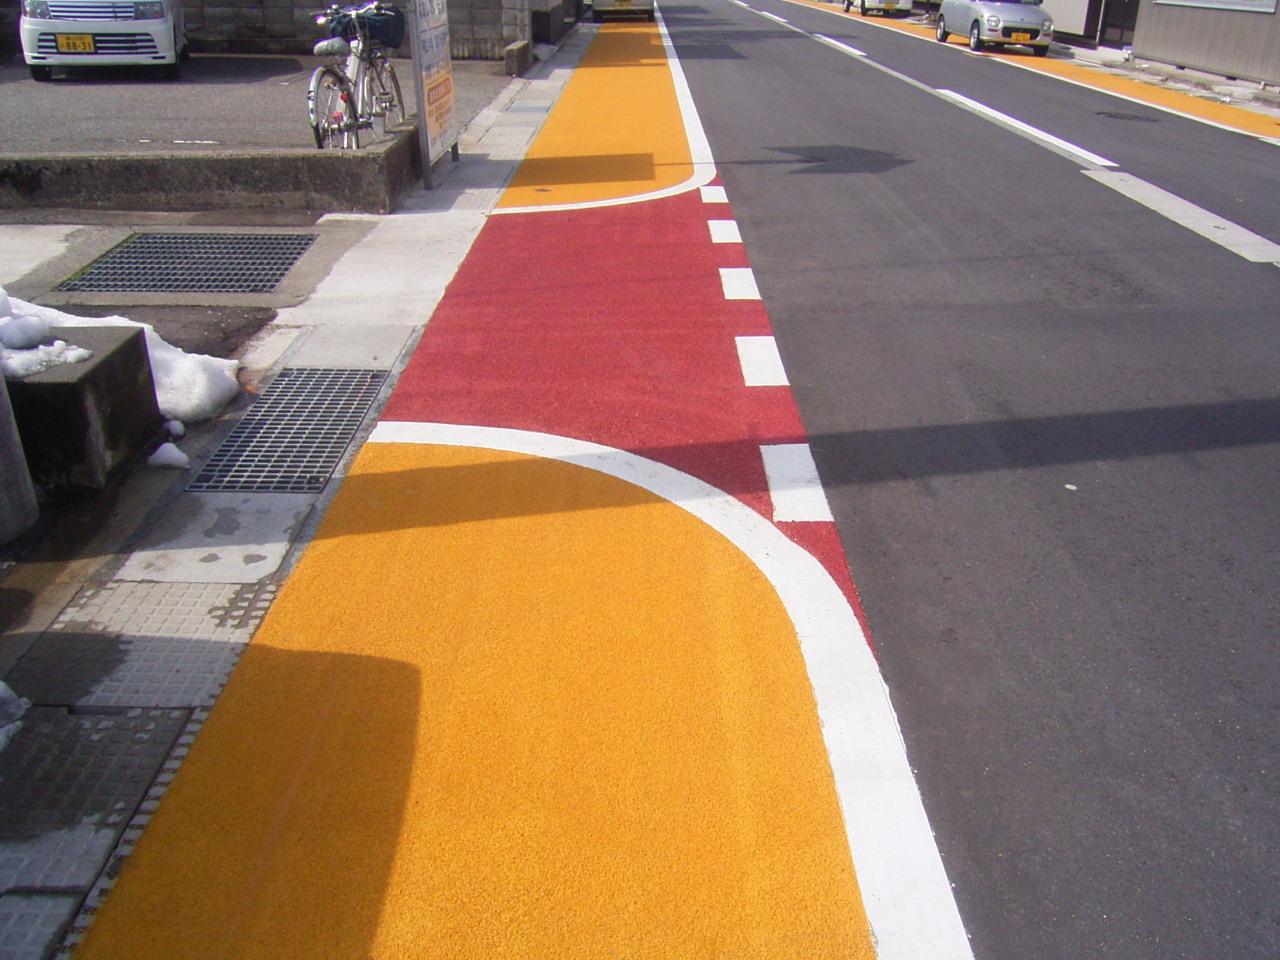 薄層カラー舗装(滑り止め)・路面カラー化 施工事例2